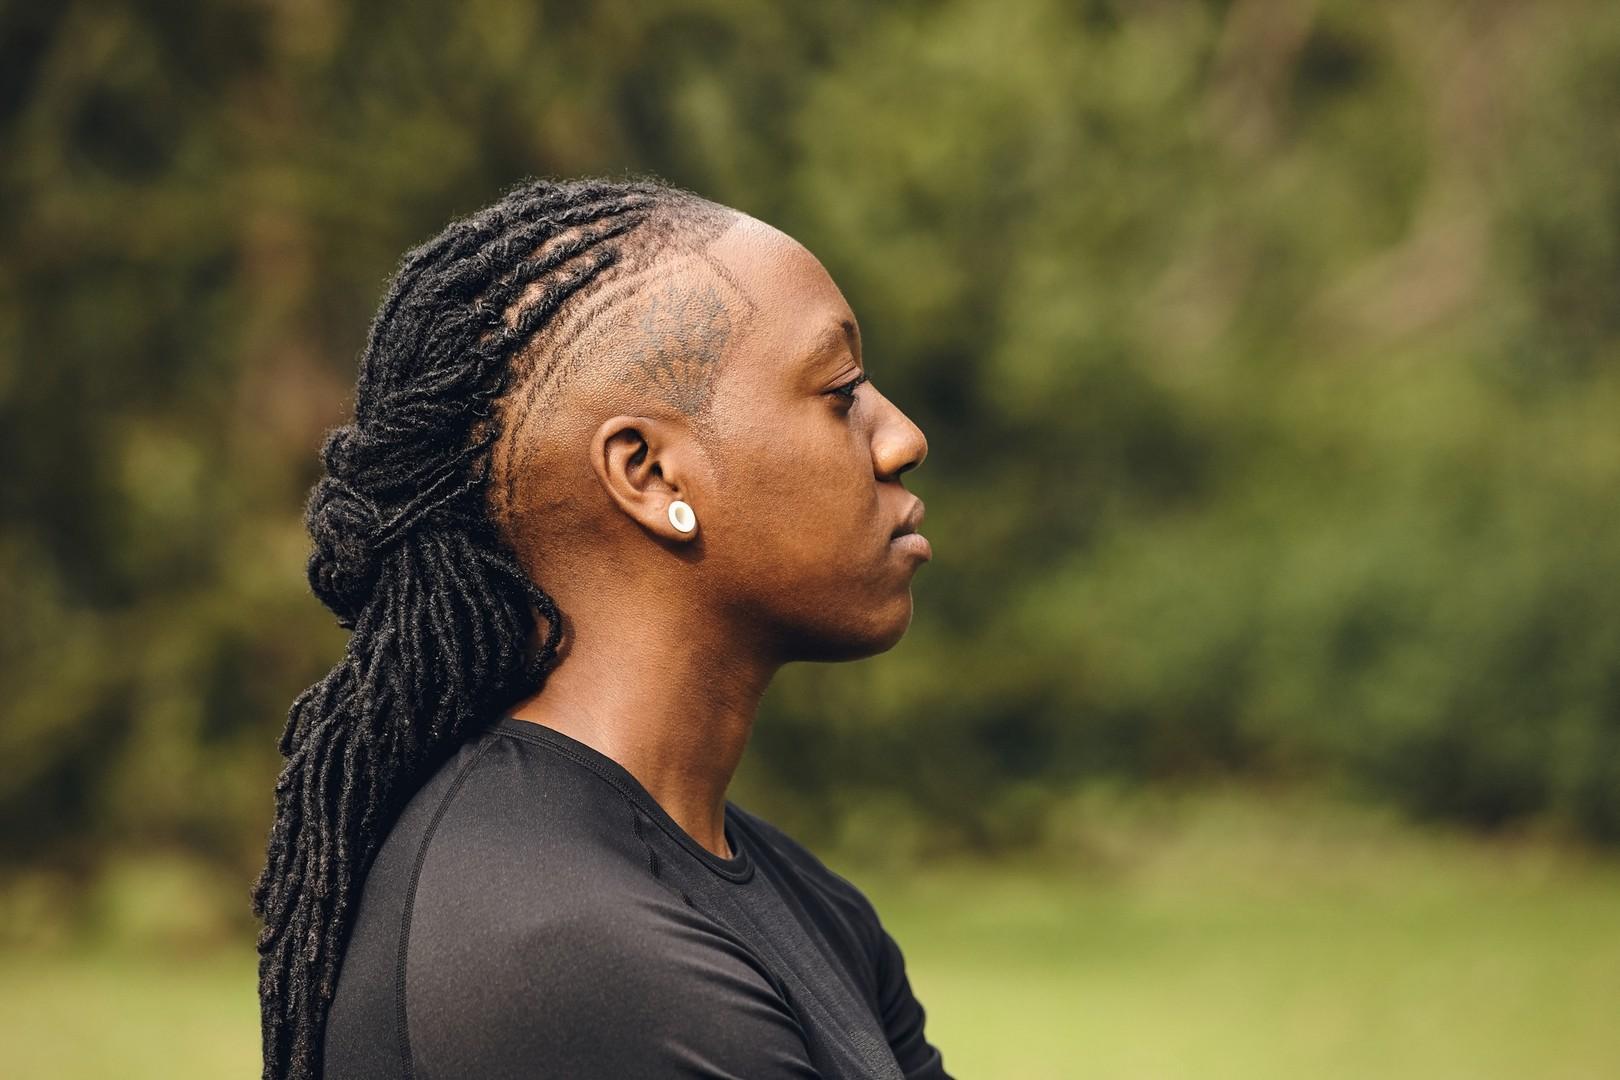 iStock 837453510 - Tipos de cabelo masculino: descubra qual é o seu e quais os cuidados e cortes ideais